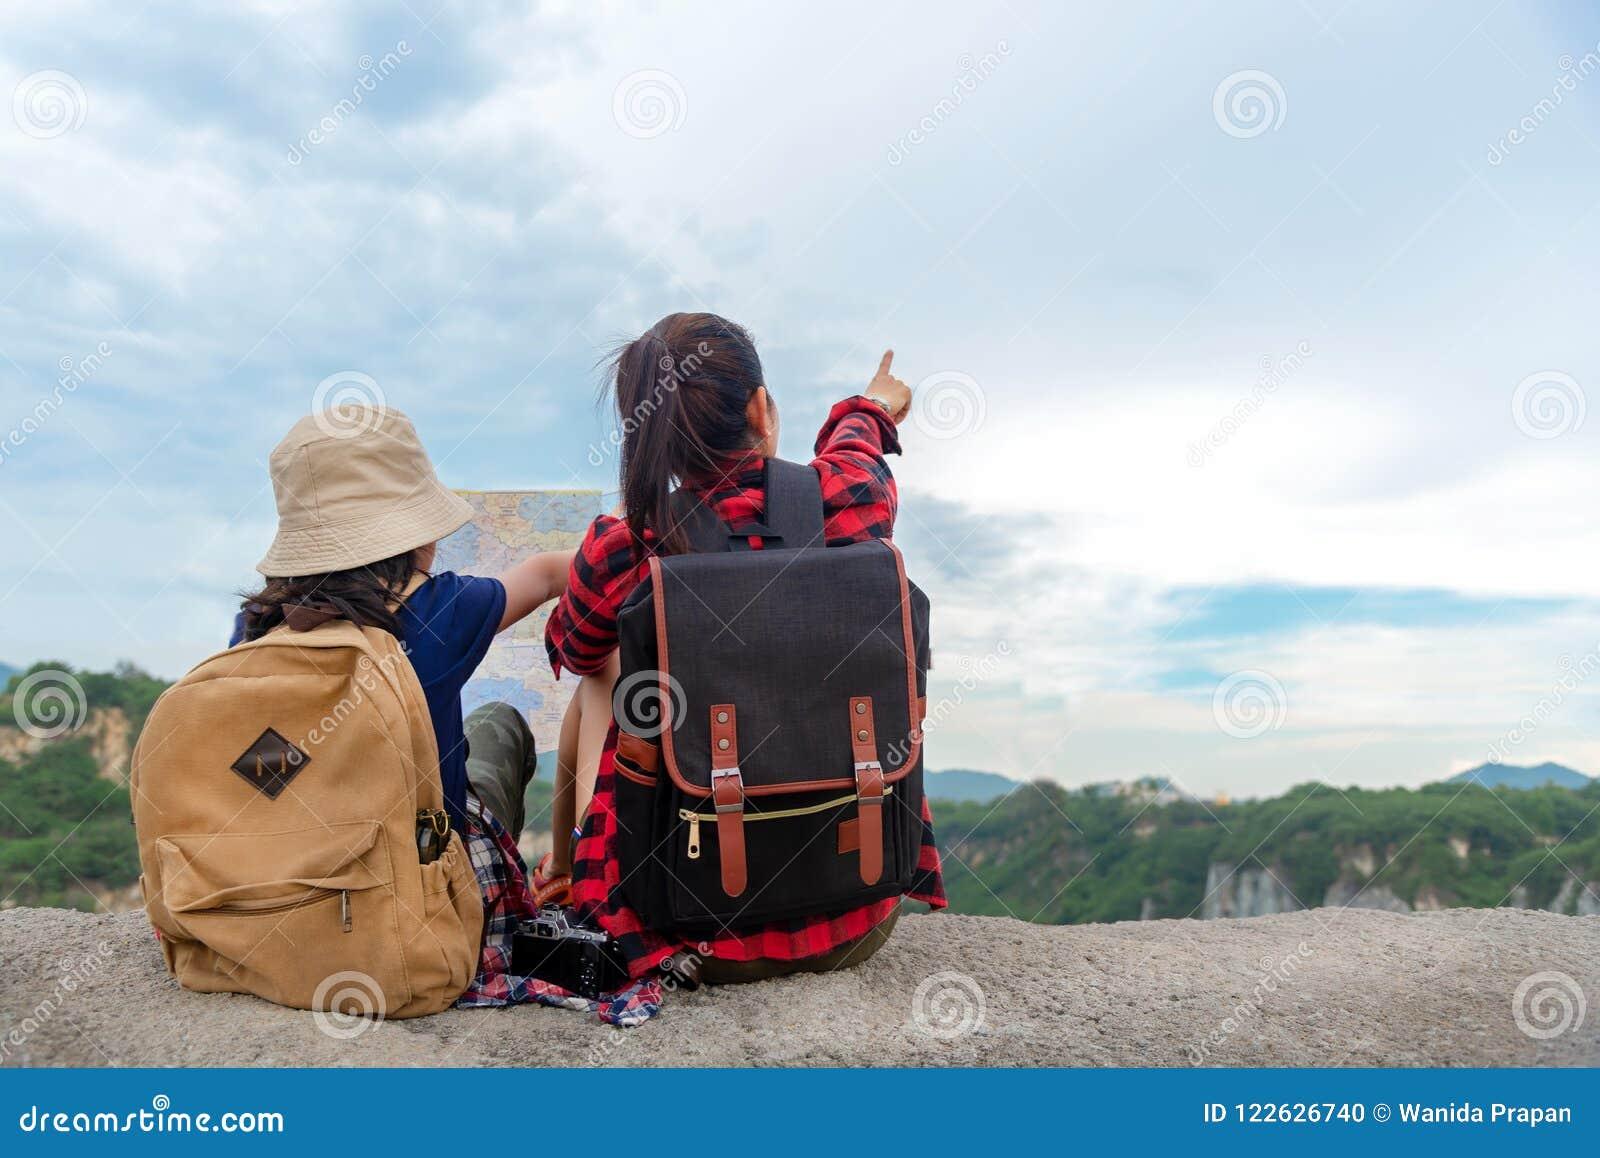 Cartes Sacs Voyage À Jugeant Dos Enfant Des Maman De Et 6g7vYbyf